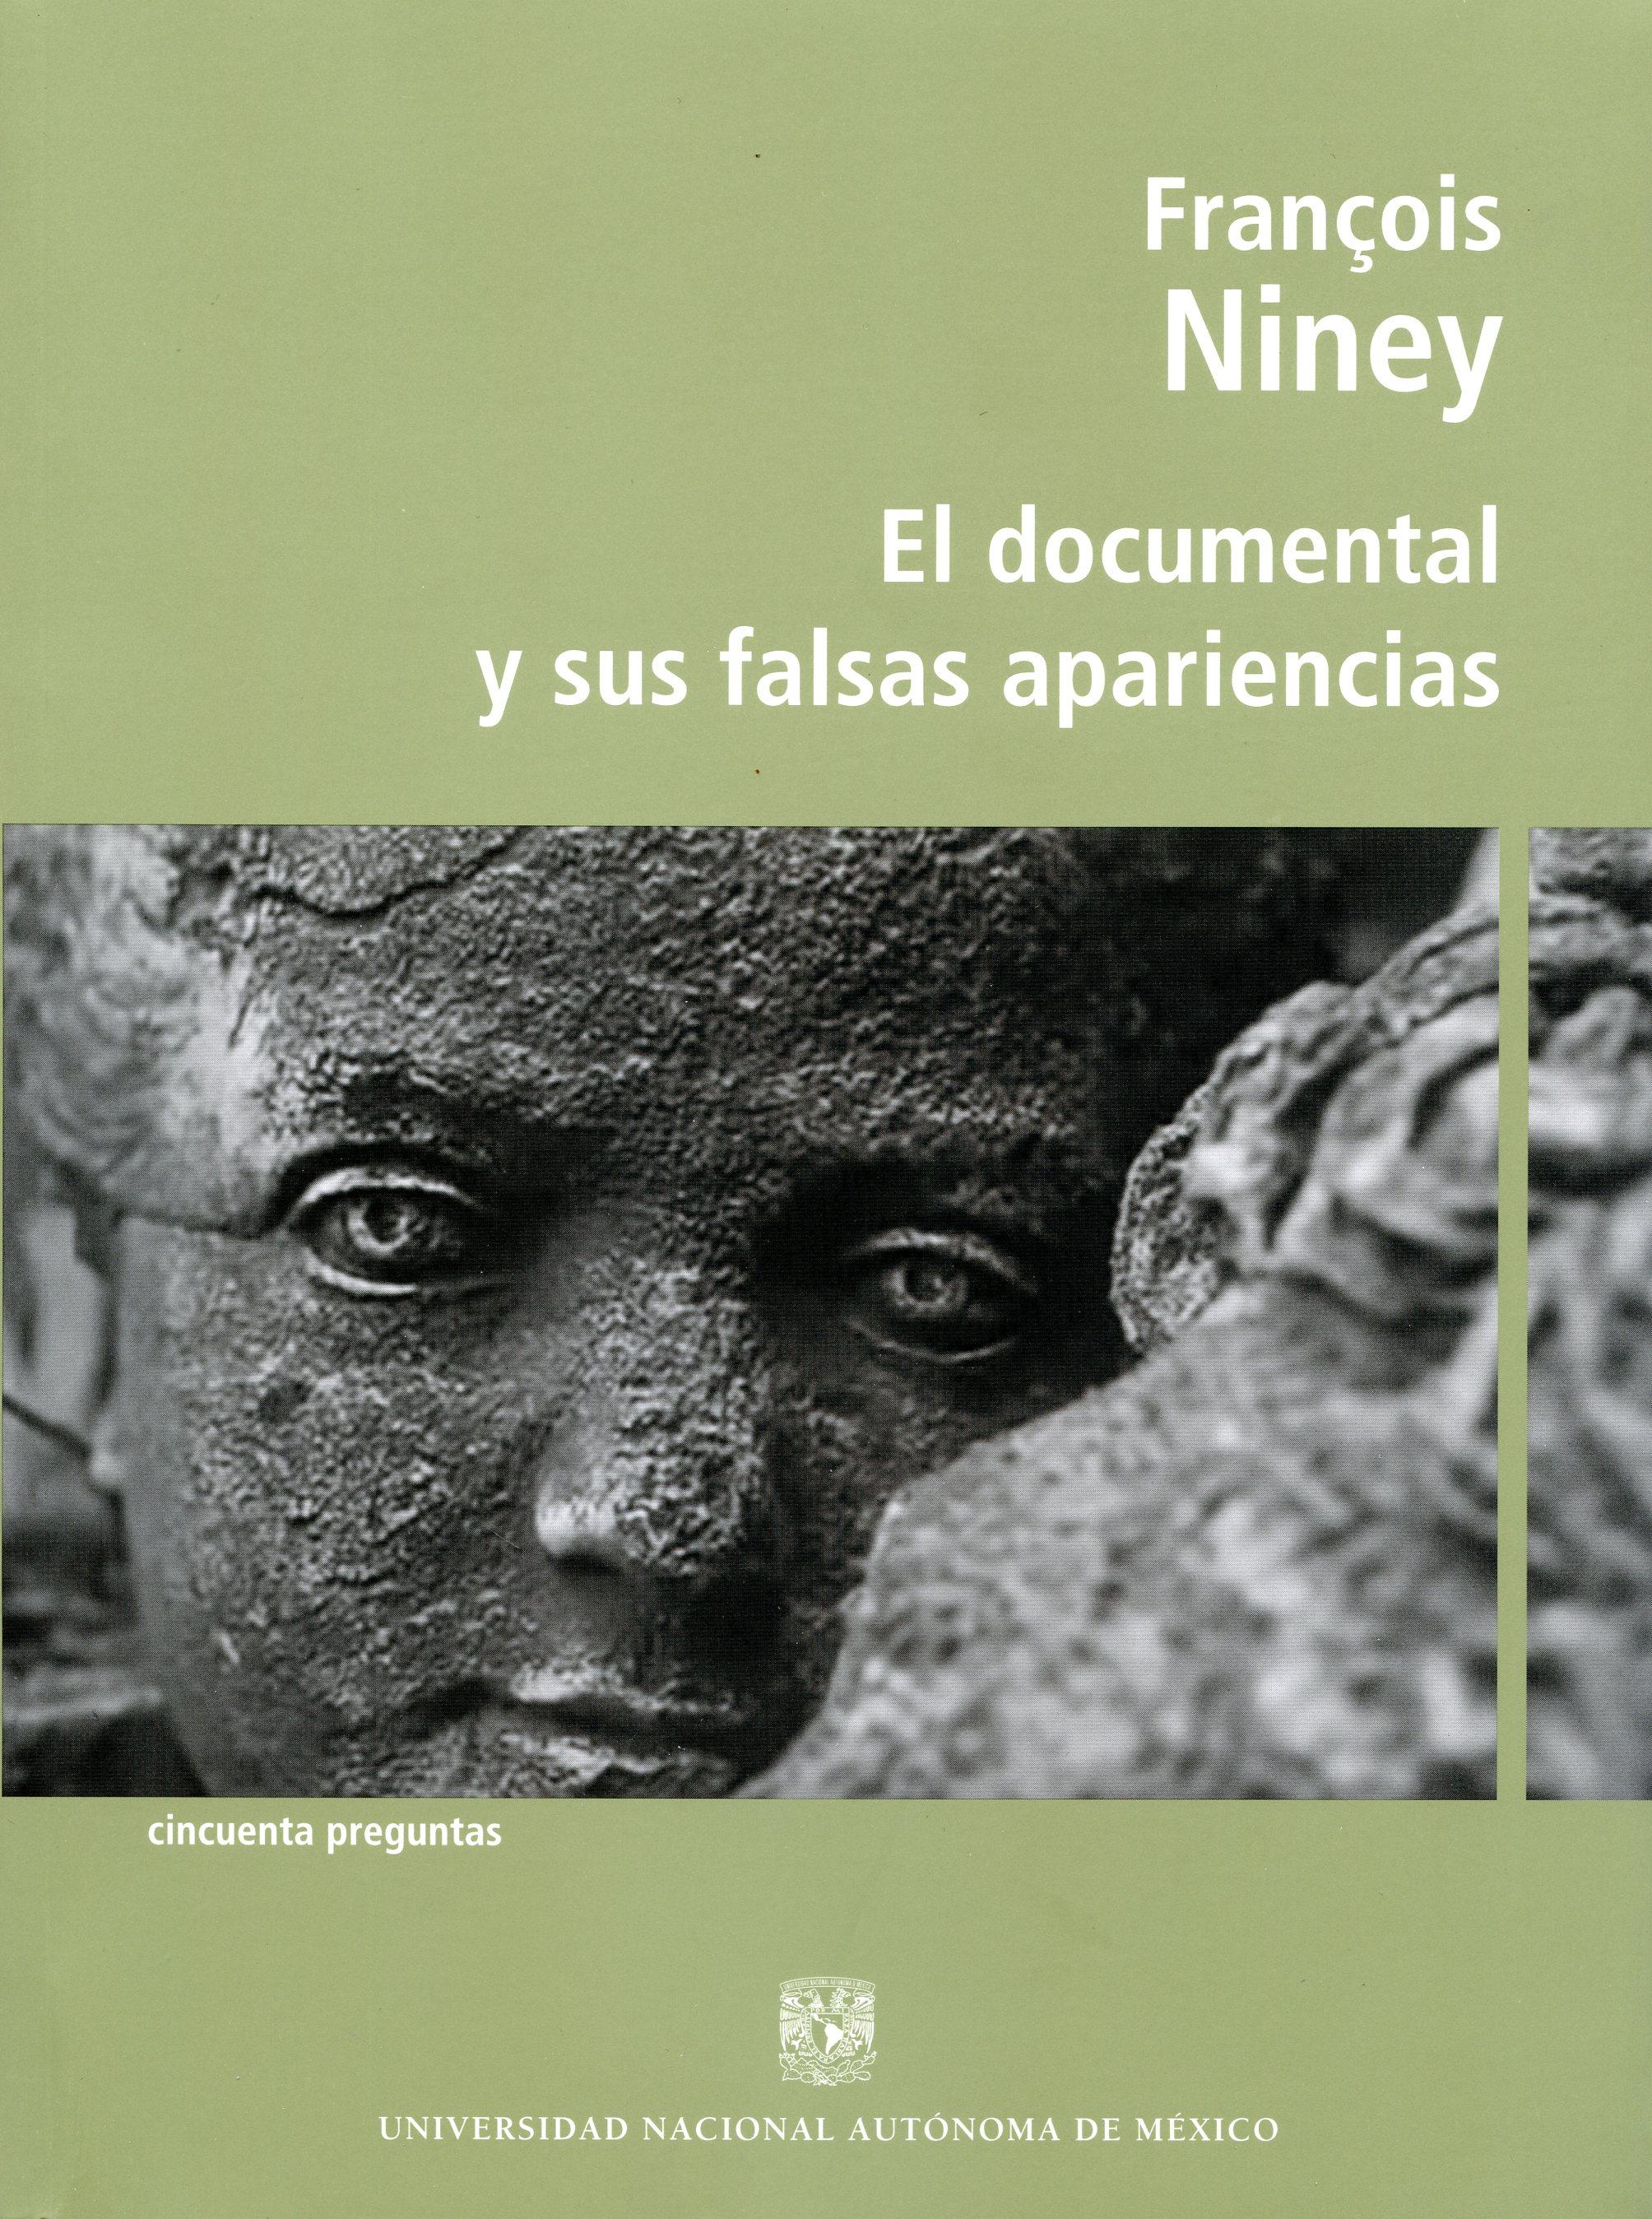 El documental y sus falsas apariencias (cincuenta preguntas)